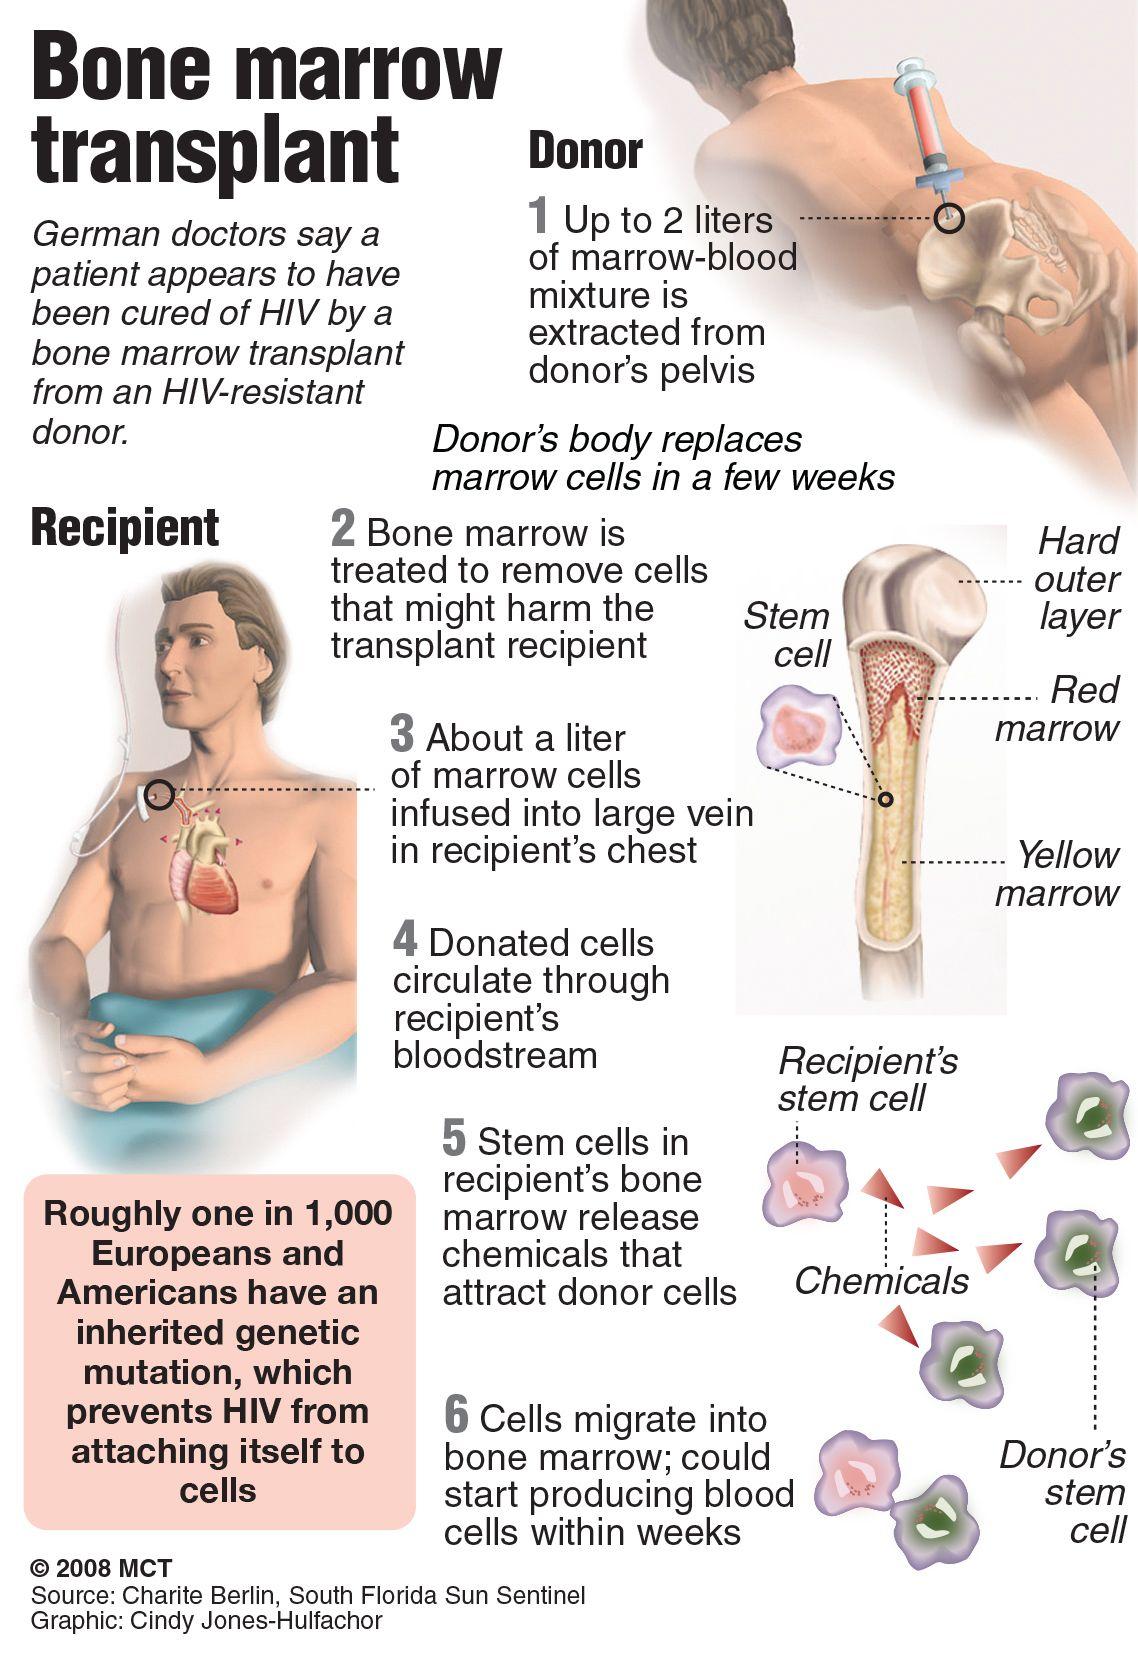 How dangerous is bone marrow donation